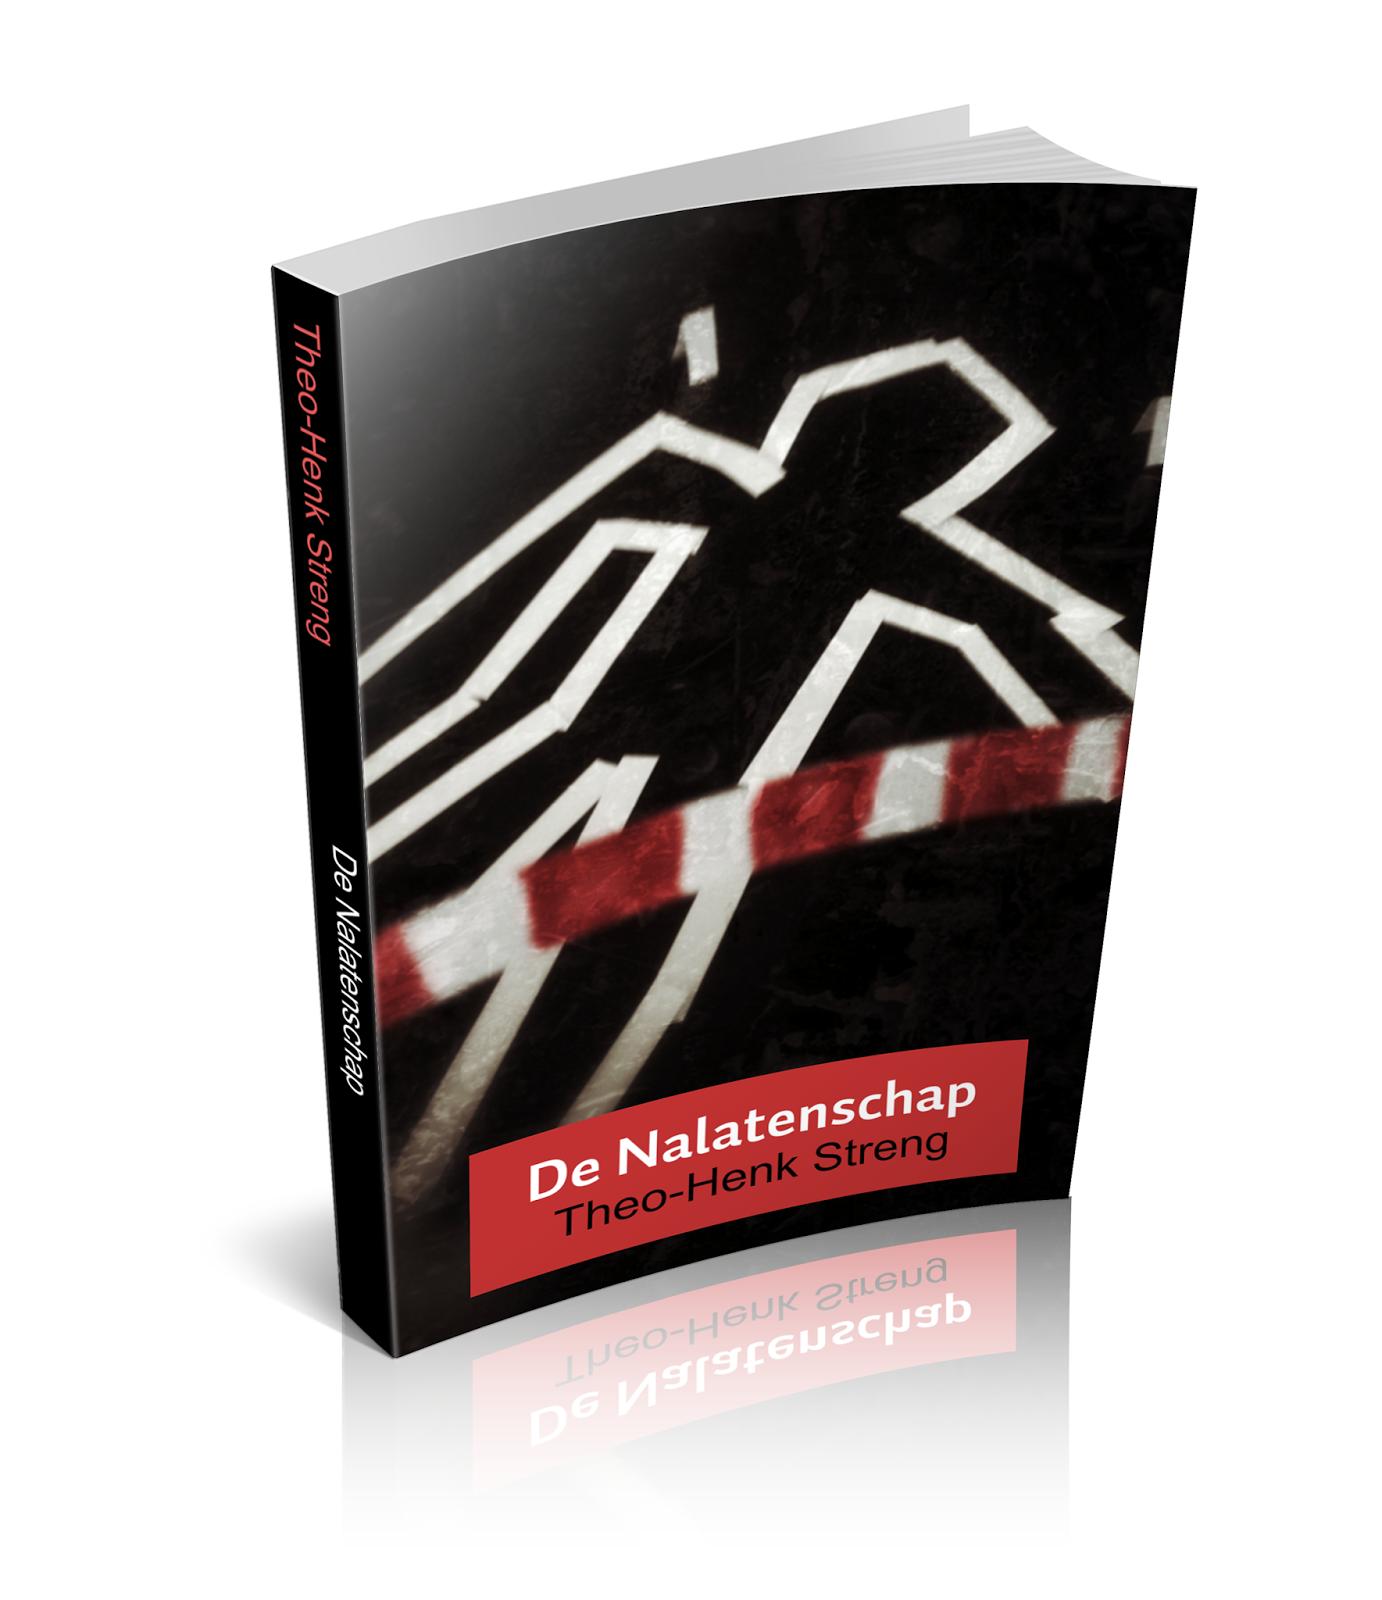 De Nalatenschap - Theo-Henk Streng